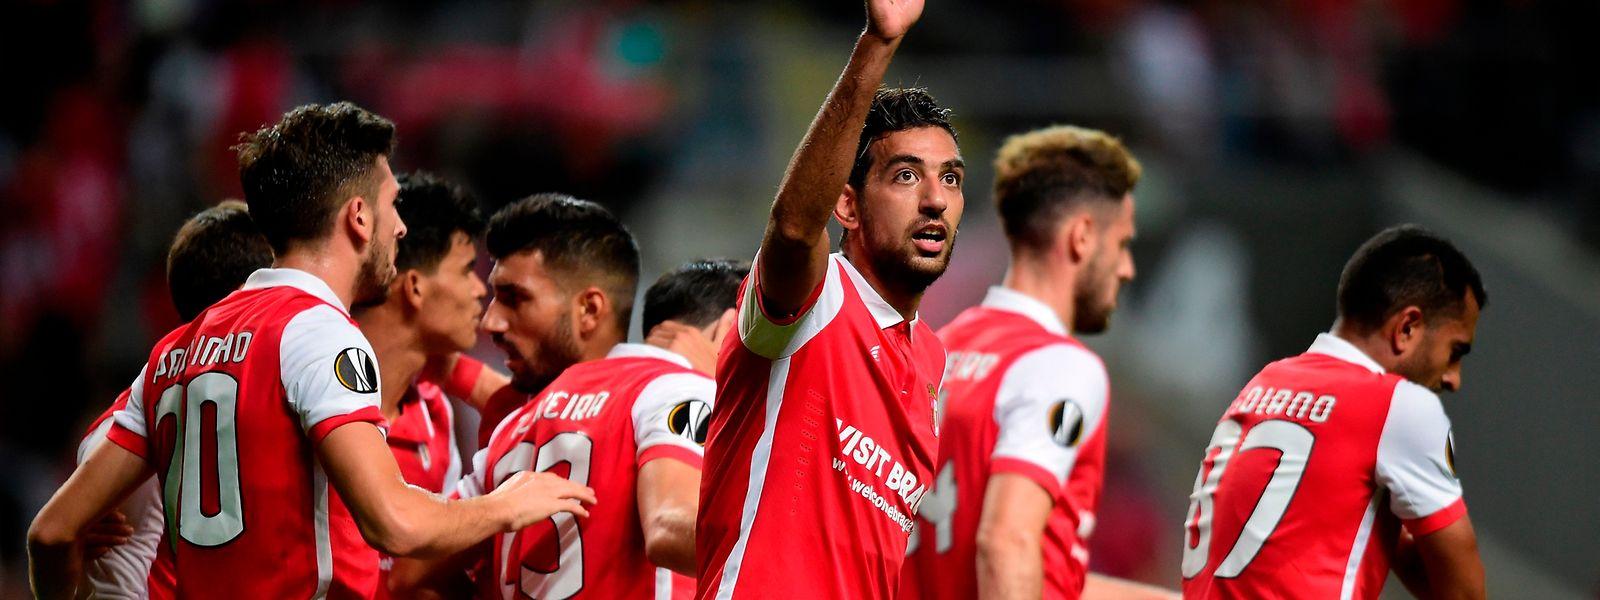 Sporting de Braga goleia Estoril-Praia por 6-0 e salta para quarto da I Liga